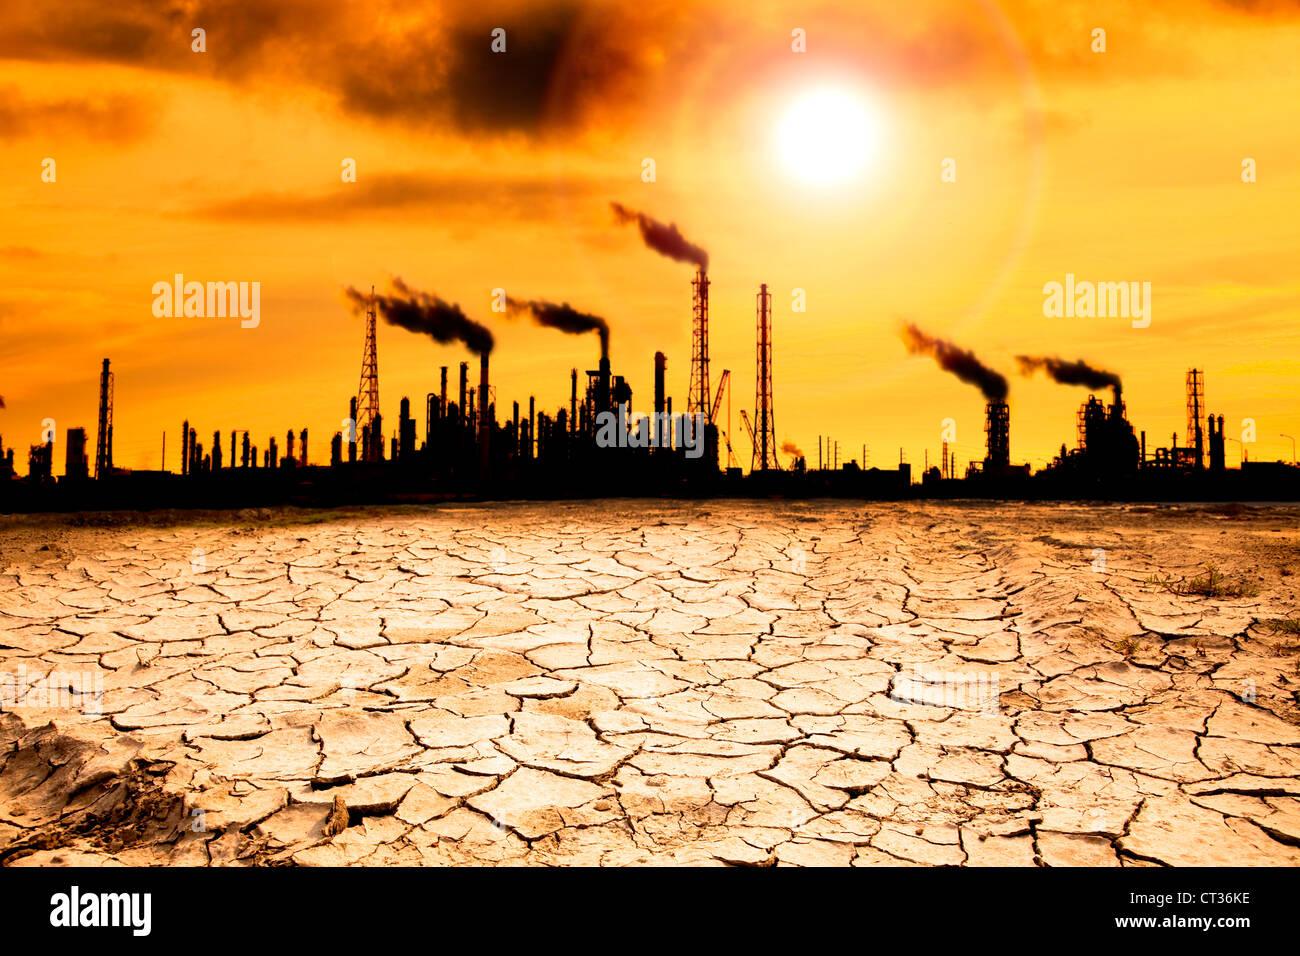 Refinería con el humo y el concepto de calentamiento global Imagen De Stock